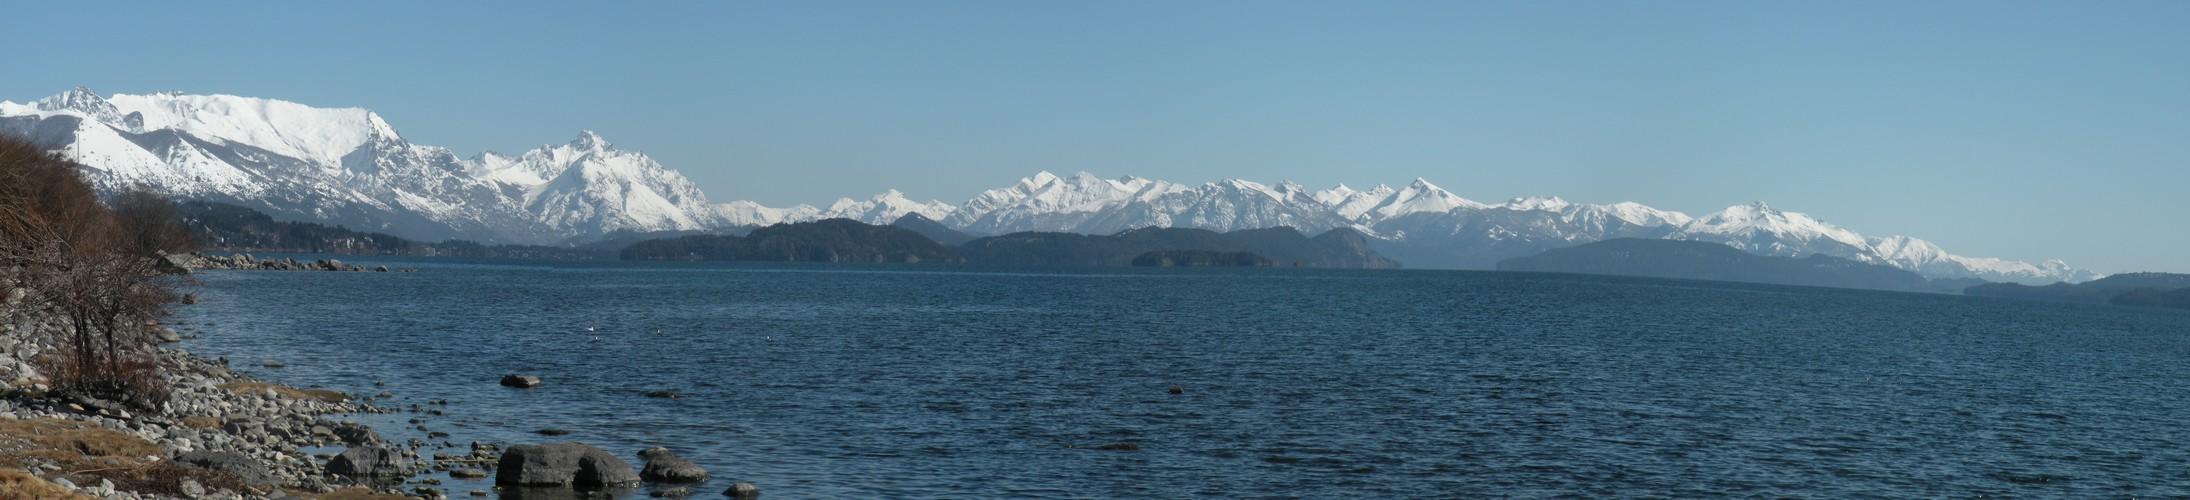 Lago Nahuel Huapi - Bariloche